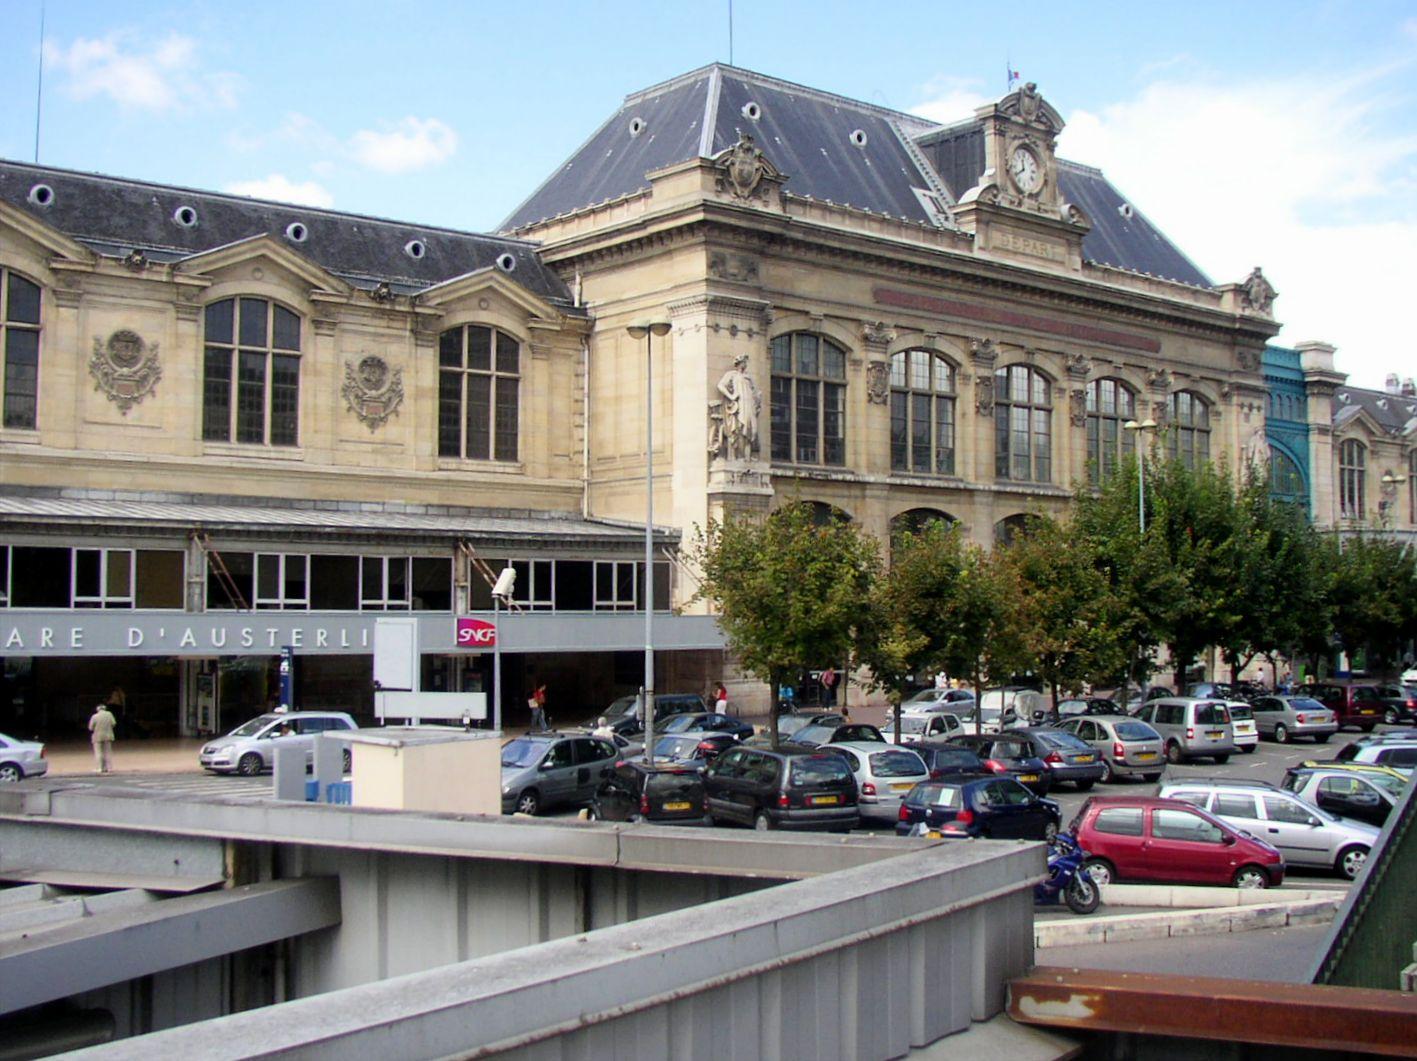 Paris-Gare-d-Austerlitz-train-station